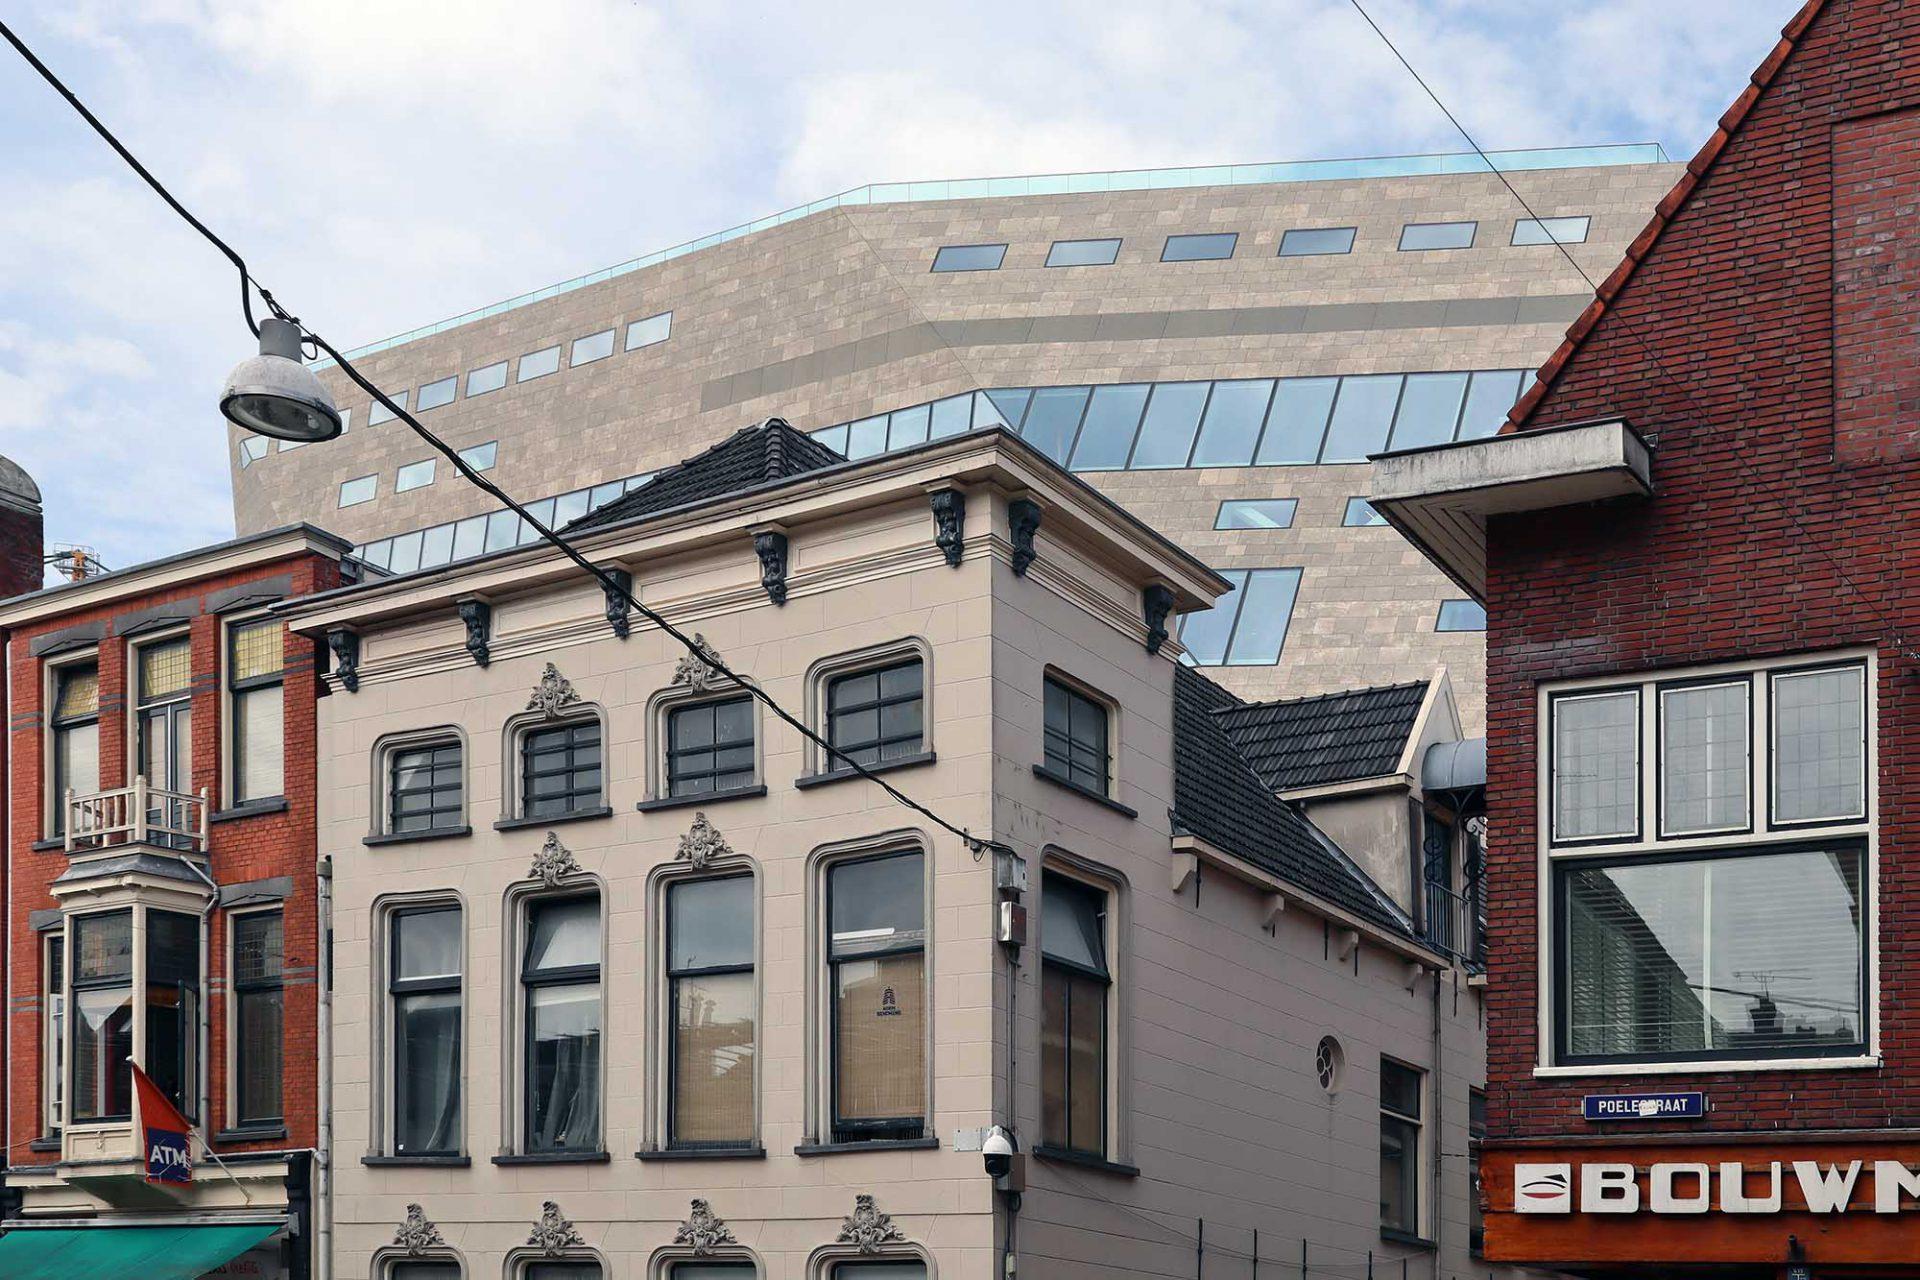 """Forum. NL Architects, im Bau. Das 1997 von Pieter Bannenberg, Walter van Dijk, Kamiel Klaasse and Mark Linnemann gegründete Büro sieht eine Art """"gebautes Wikipedia"""" für Groningen vor. Ein mächtiger, dominanter Kulturbau, der öffentlicher Platz, Wissenshaus und Treffpunkt der Stadt werden soll."""